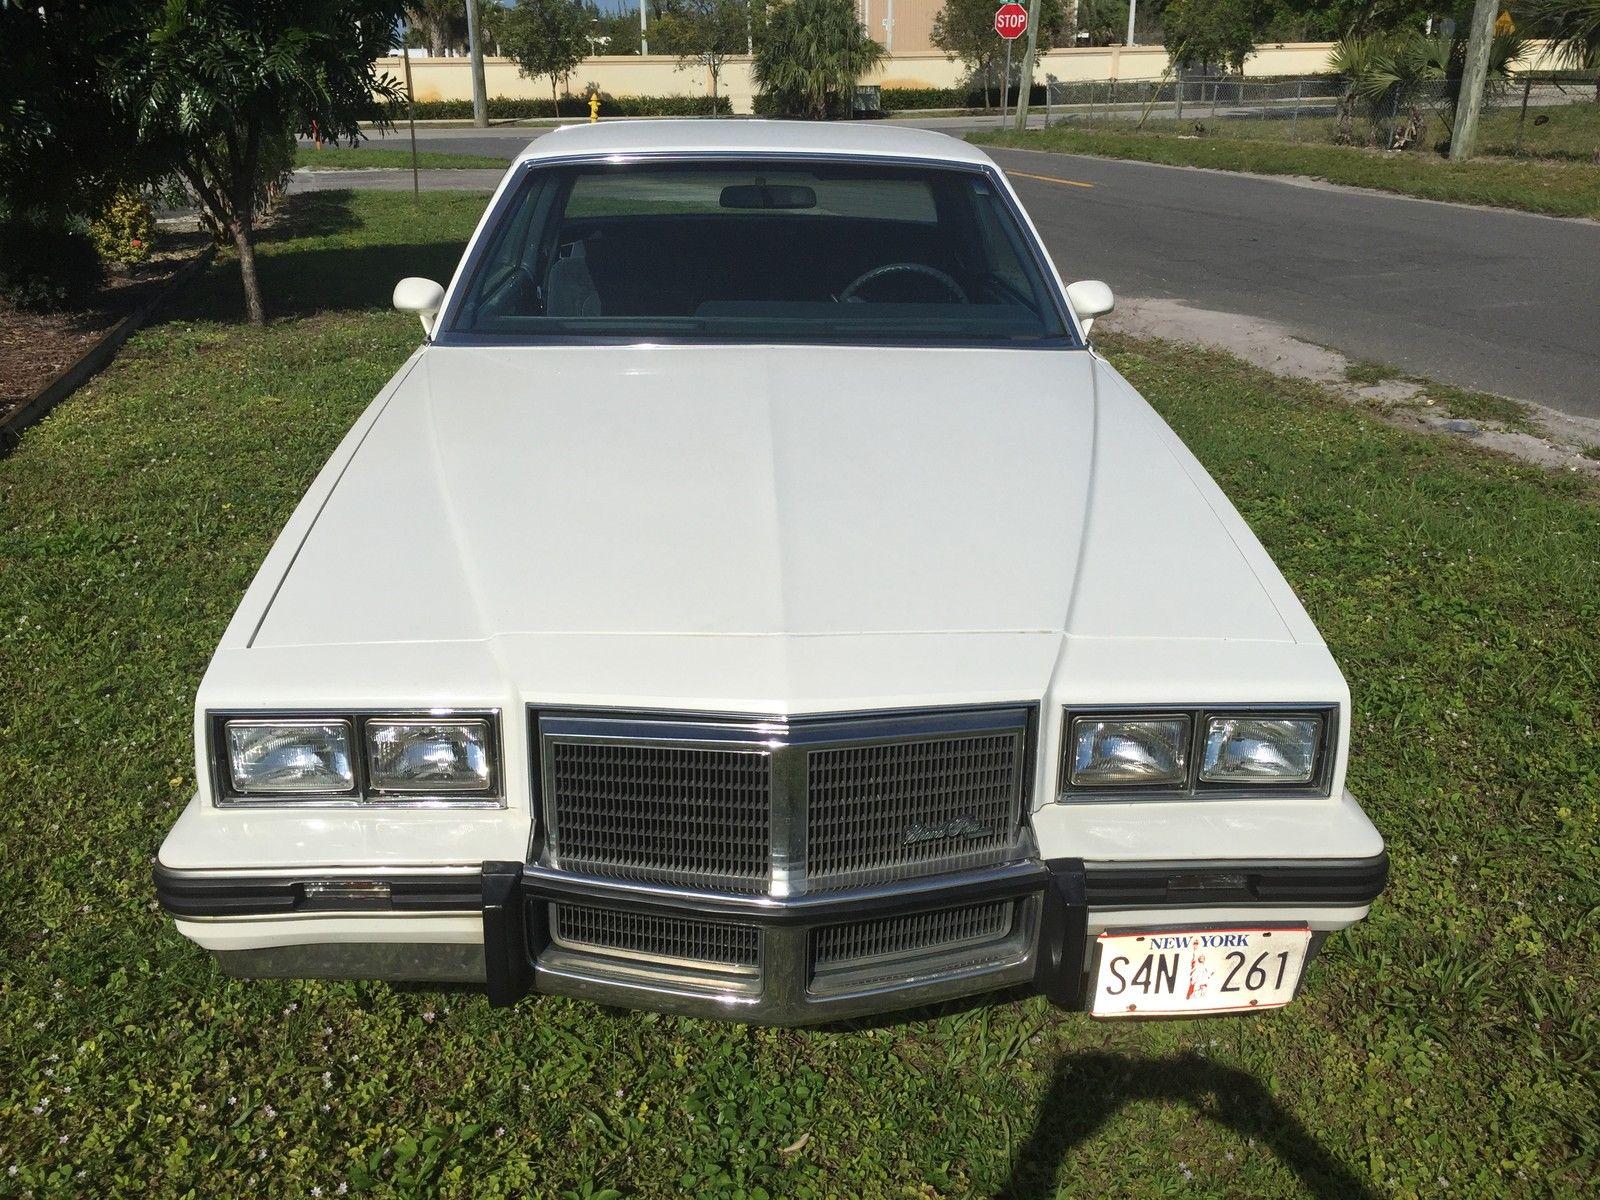 305 V8 1983 Pontiac GP LJ Classic Pontiac Grand Prix 1983 for sale #4F5A2E